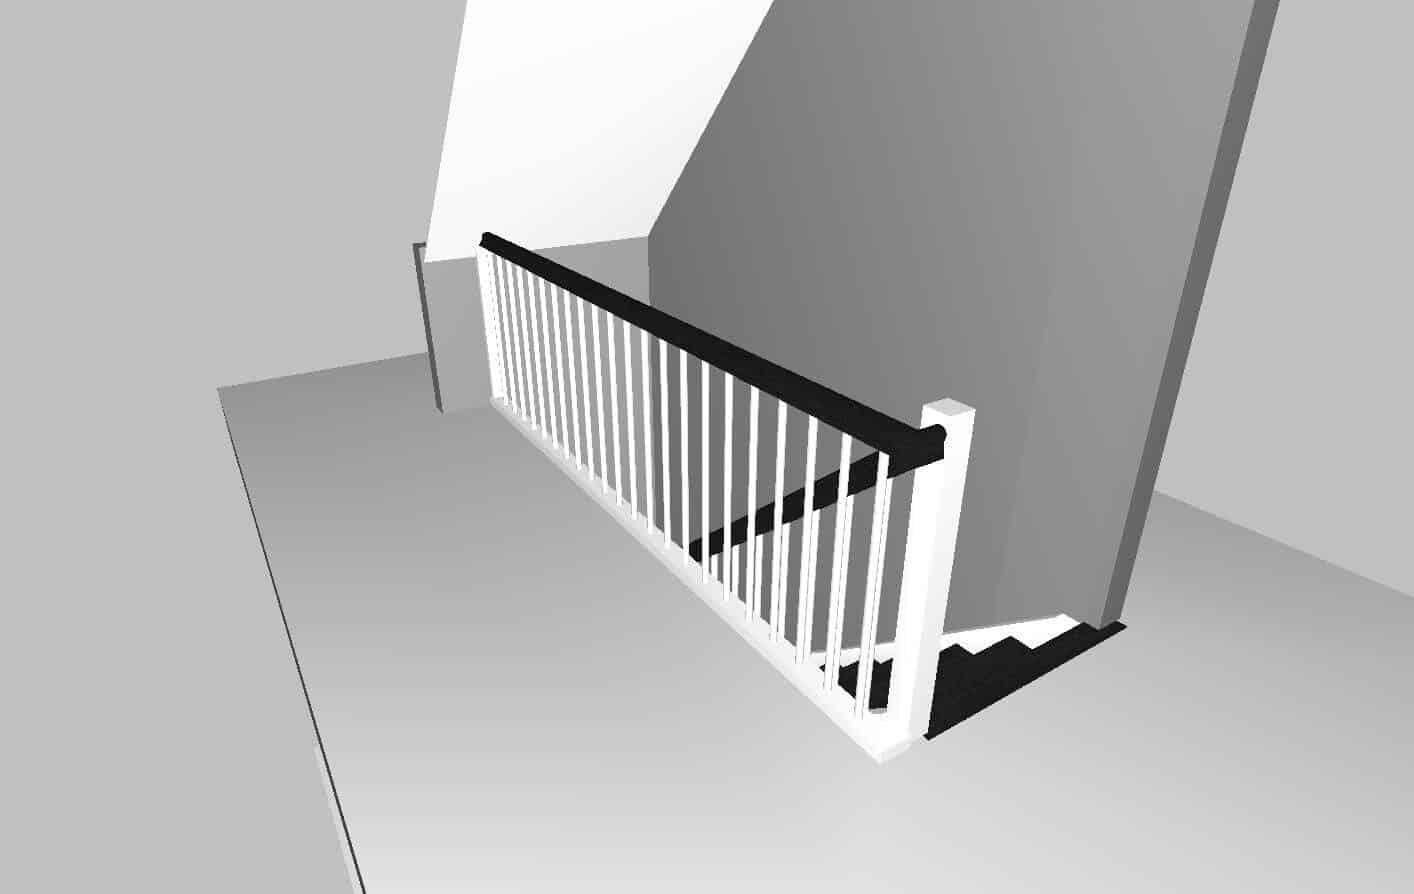 Gemauerte Treppengeländer wangentreppe unsere innentreppe mit treppengeländer